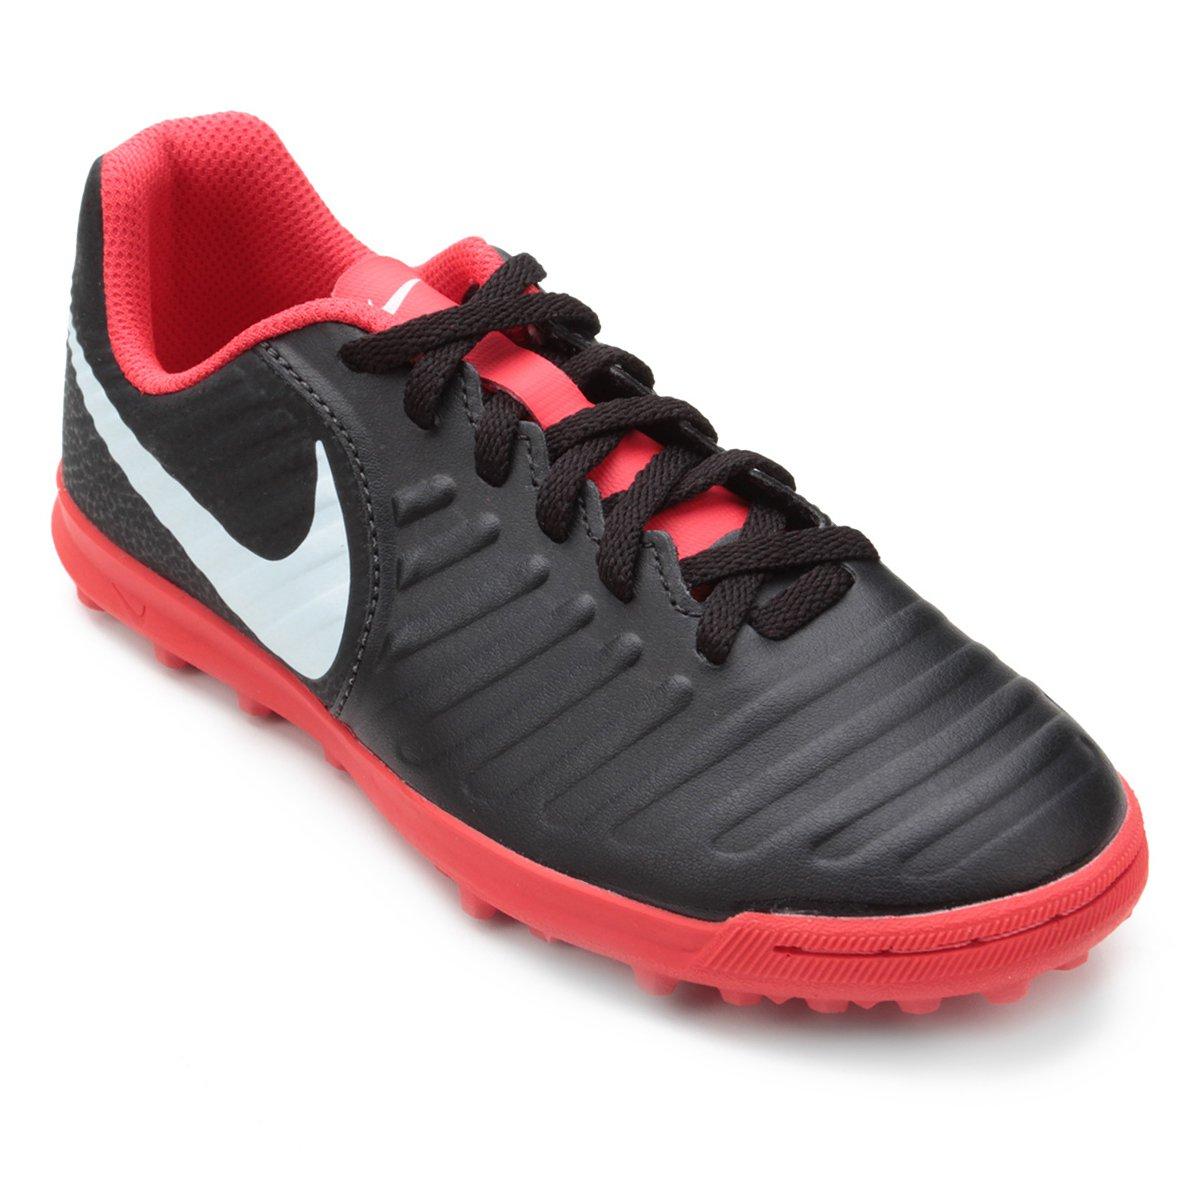 46c6ea56fe89b Chuteira Society Infantil Nike Tiempo Legend 7 Club TF - Preto ...